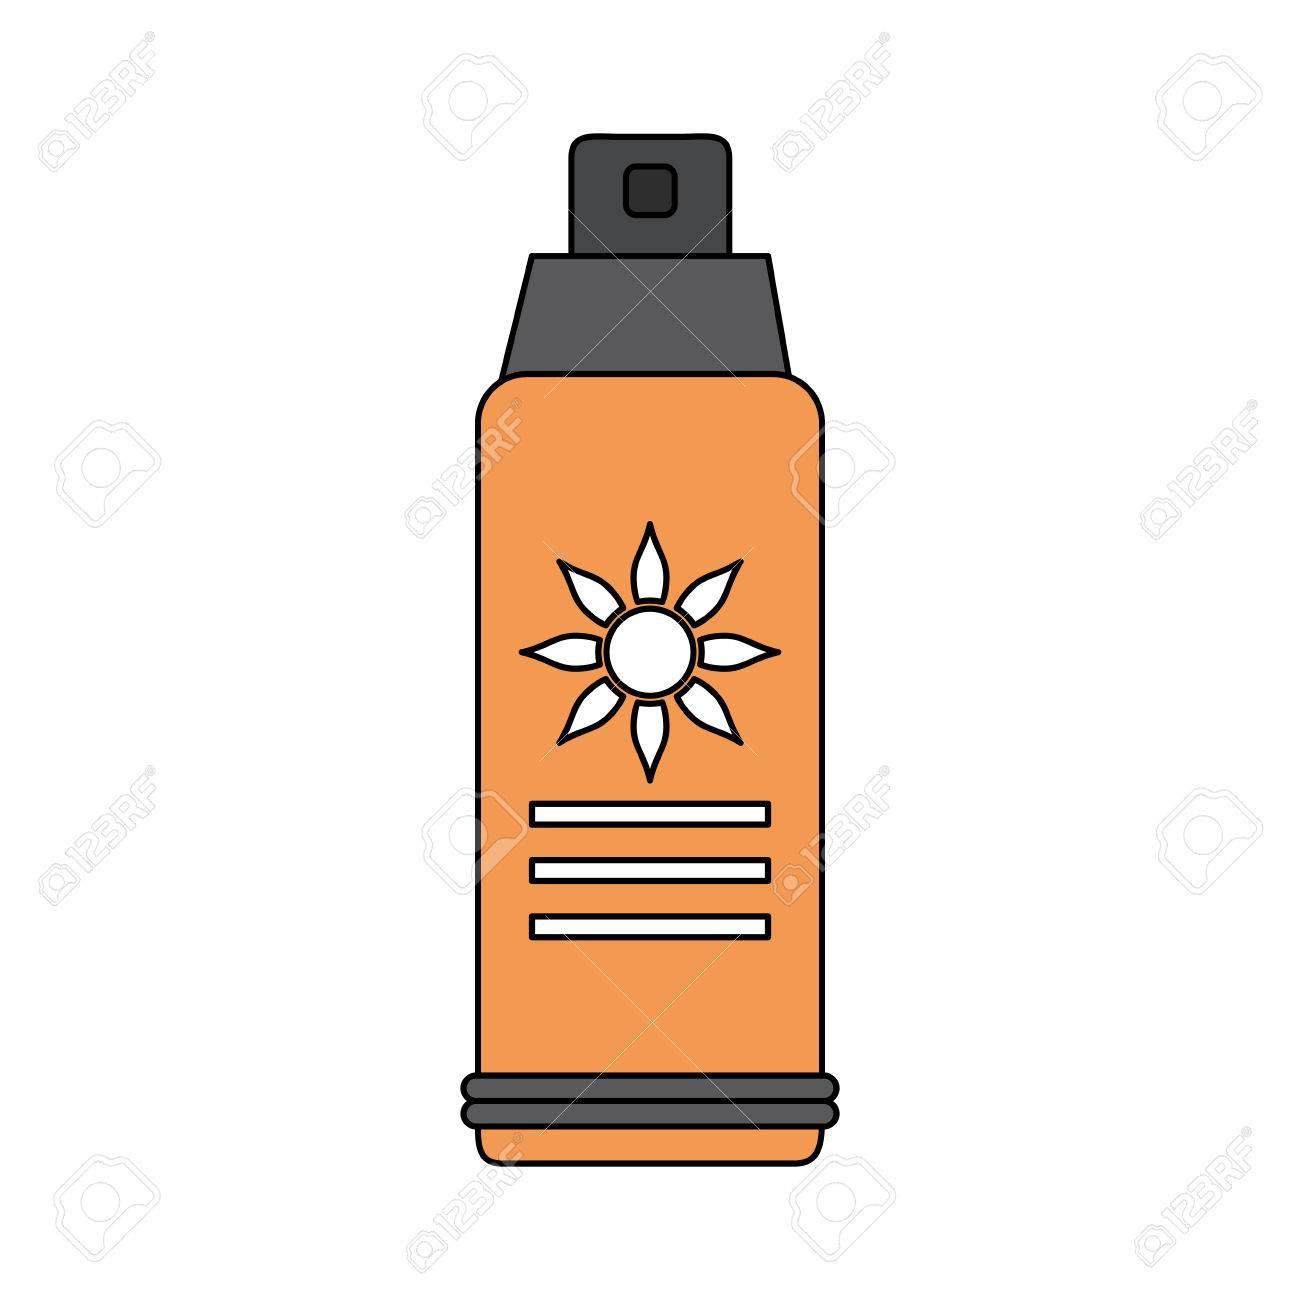 カラー イメージ日焼け止めスプレー ボトル ベクトル イラストのイラスト